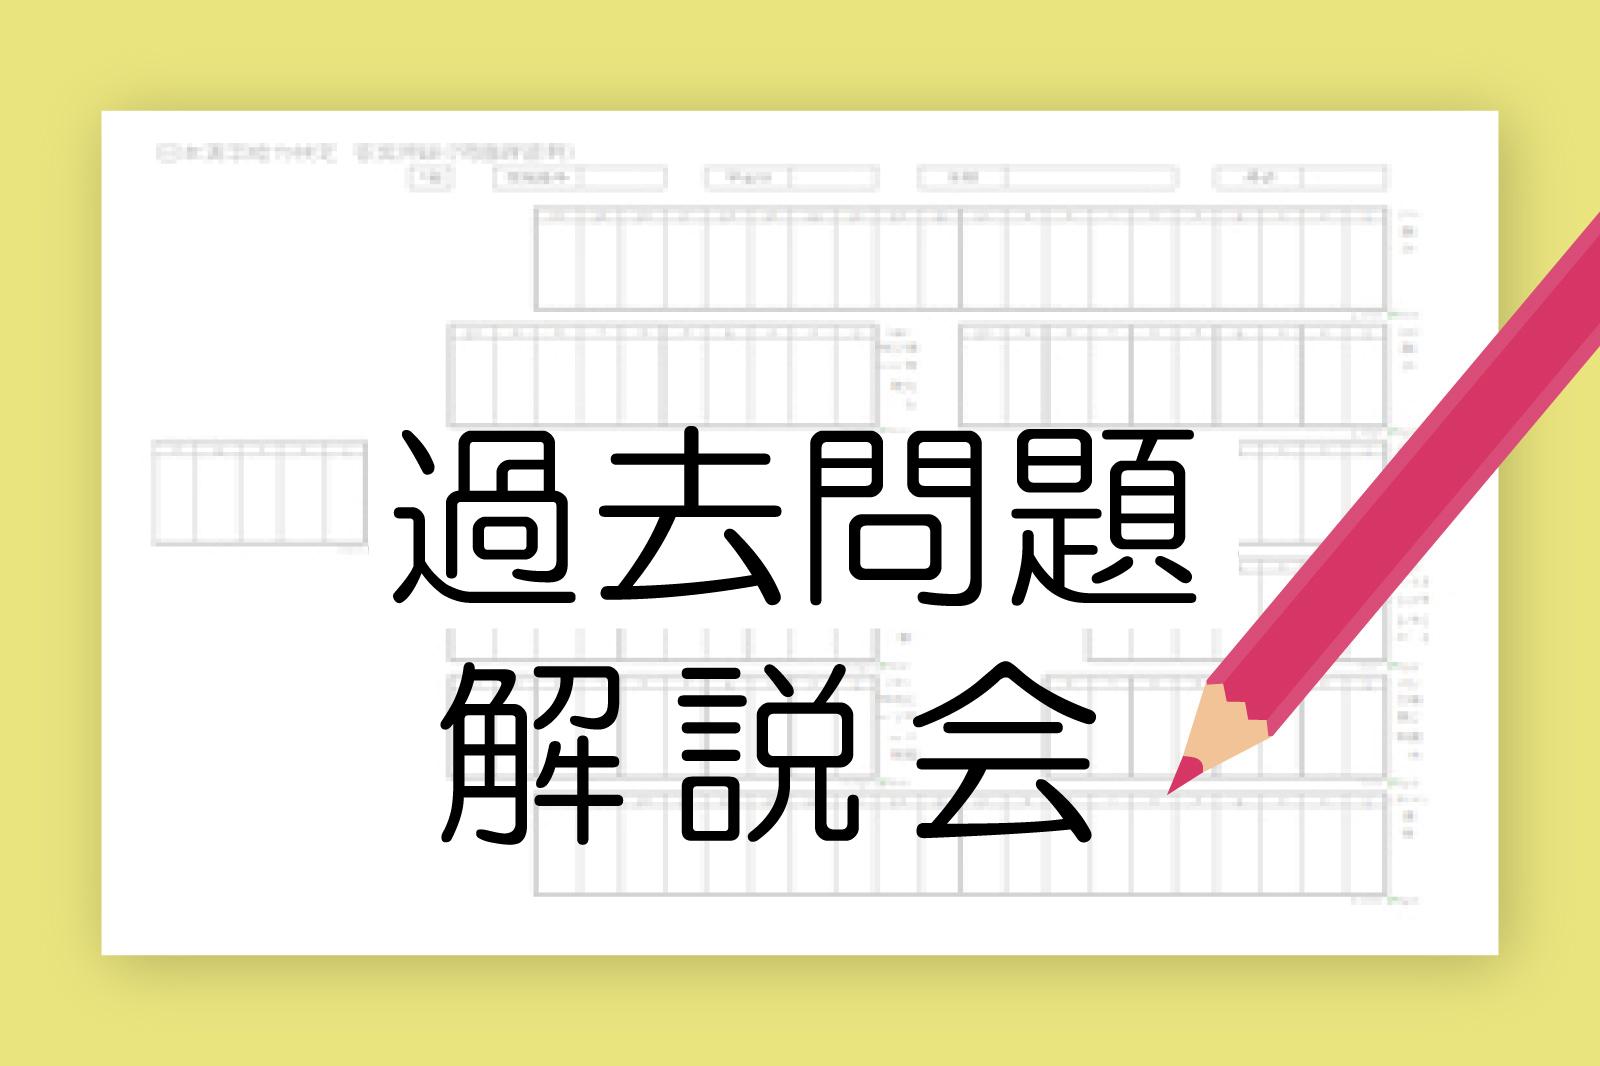 過去問題解説会・・・大谷高等学校 12/12